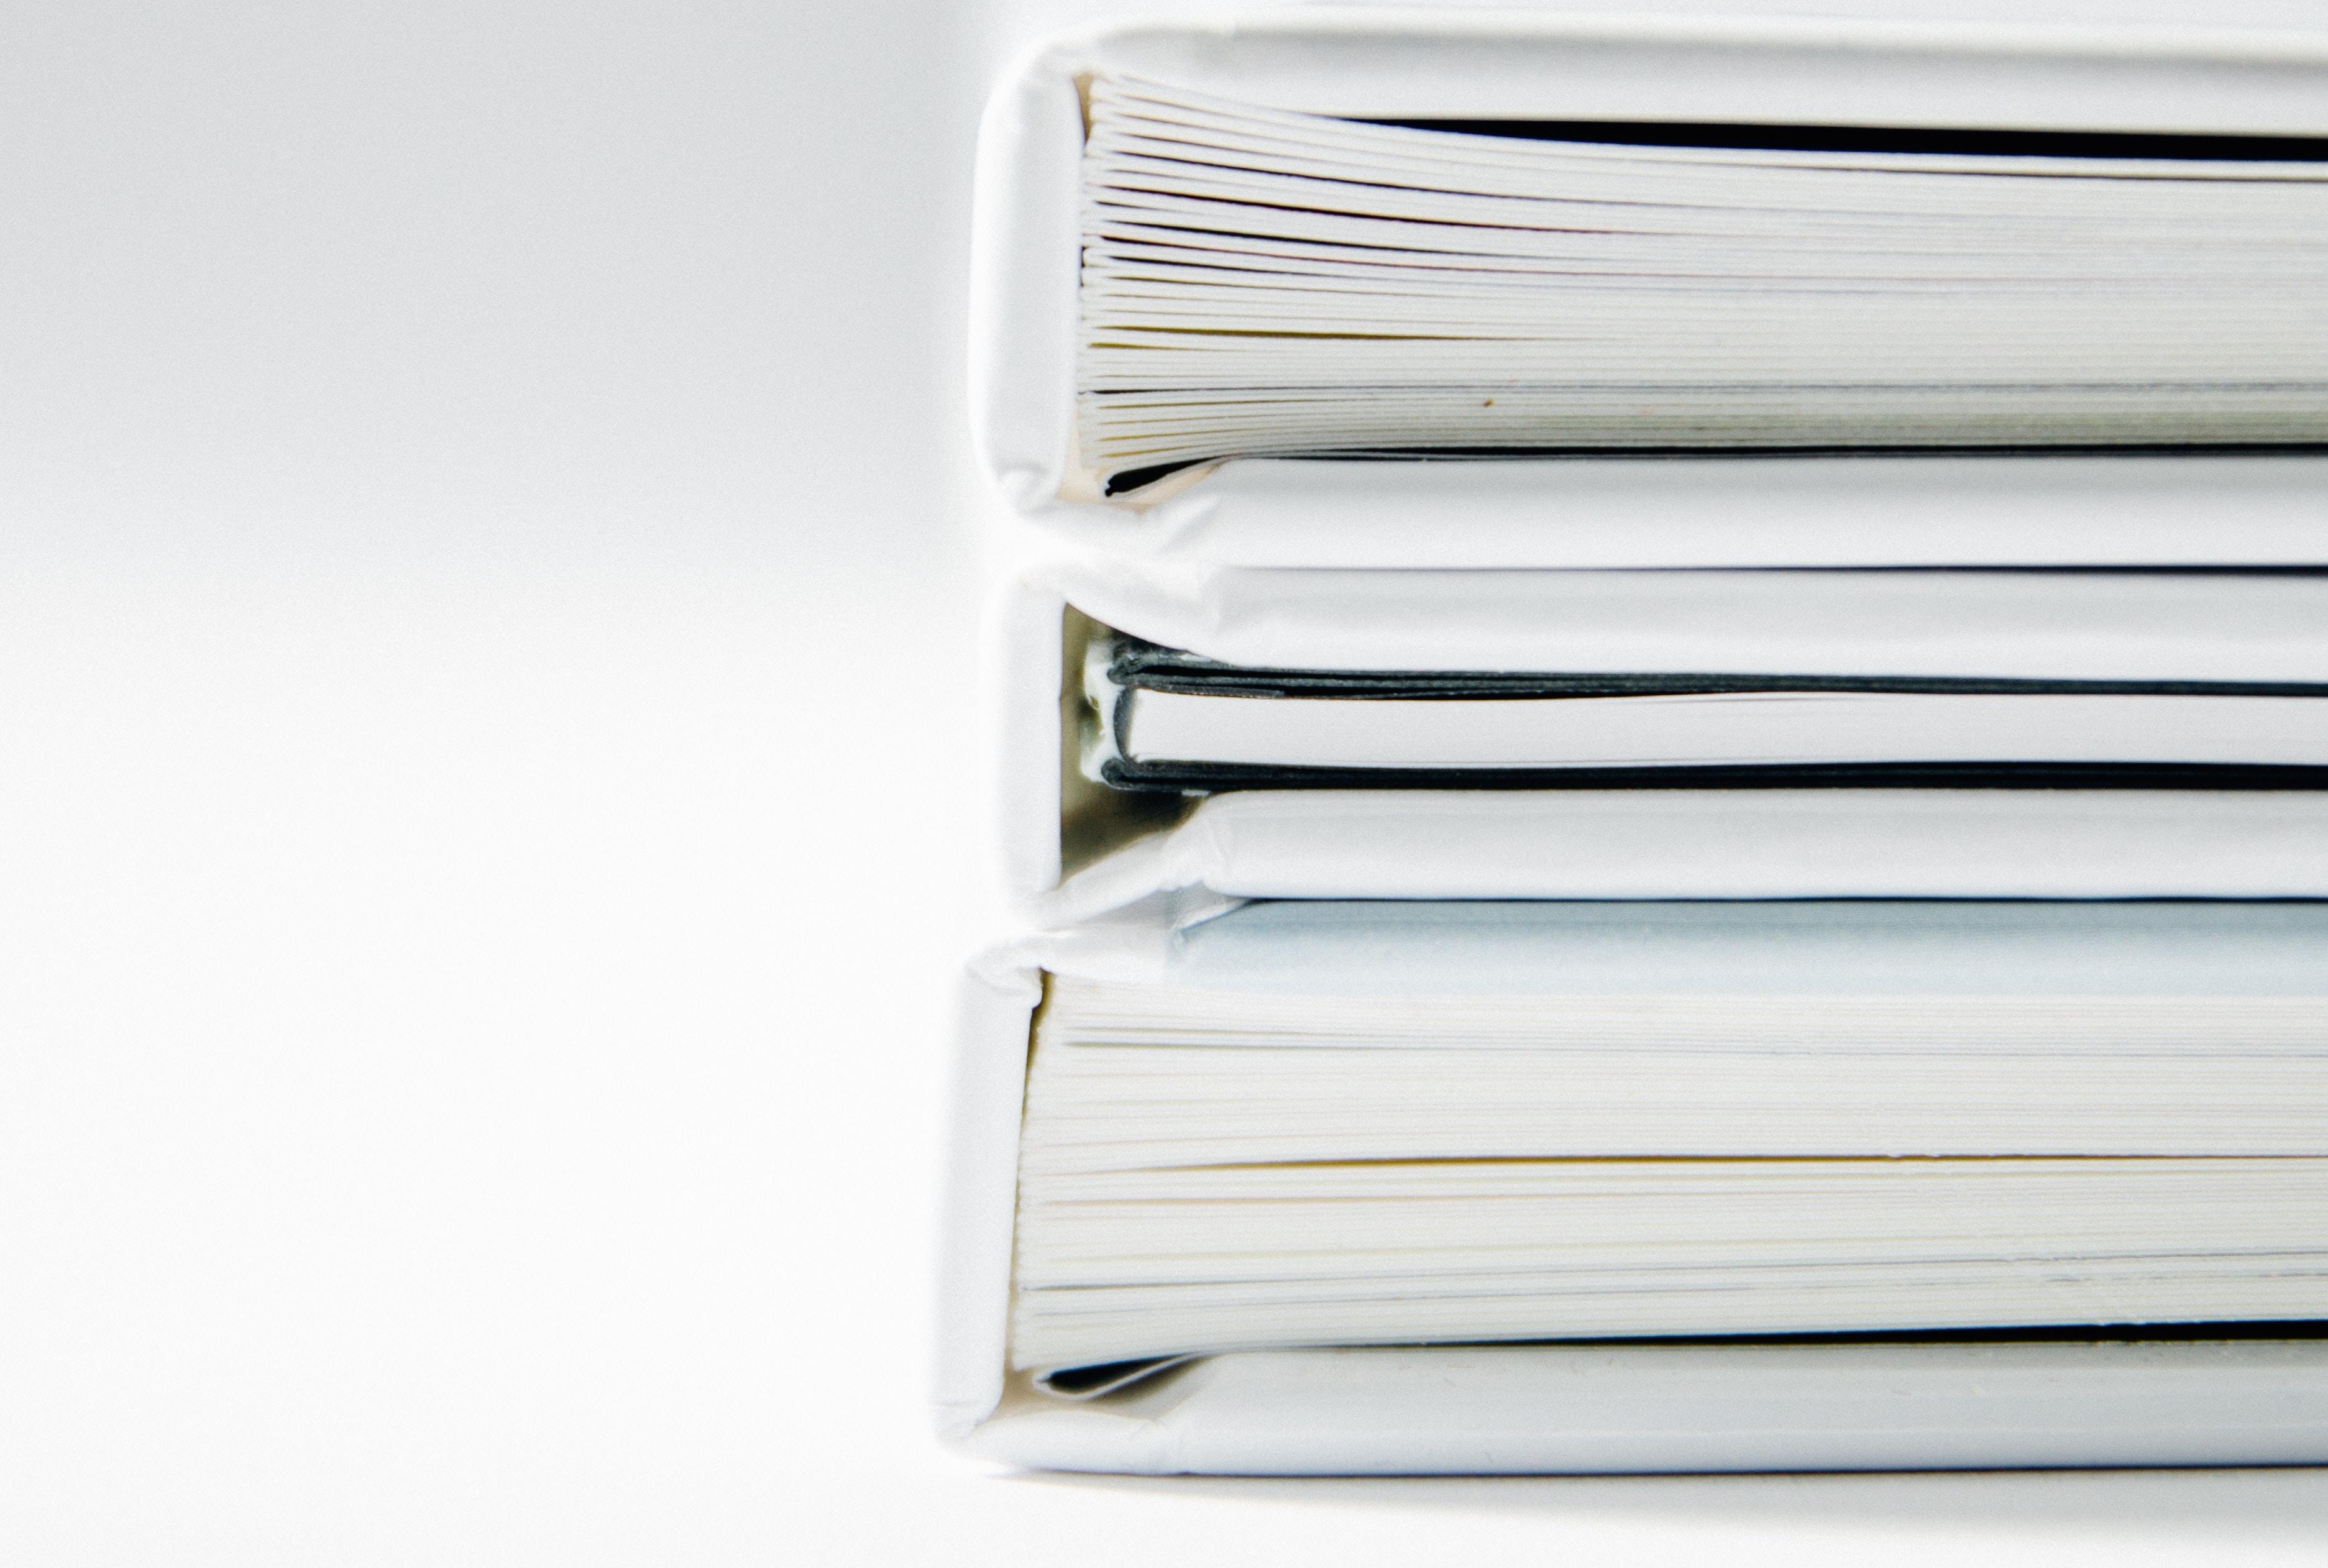 destrucción de documentación confidencial